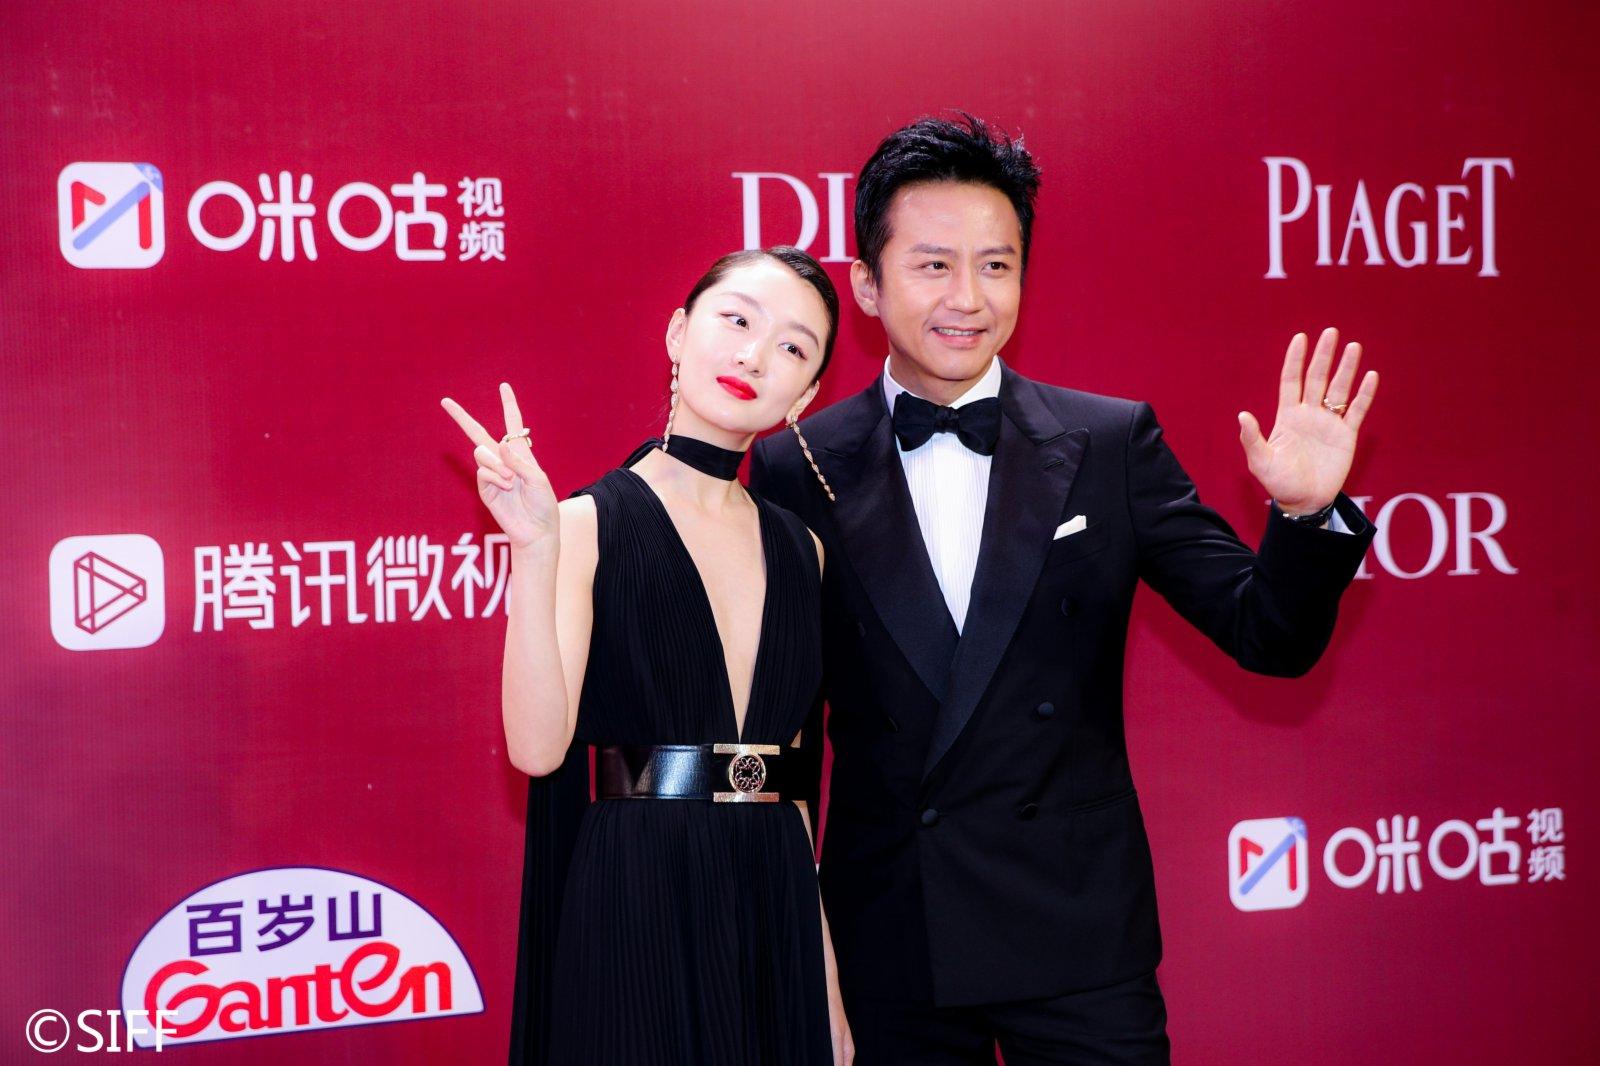 上海電影節主競賽單元評委周冬雨(左)與鄧超。(資料圖片)